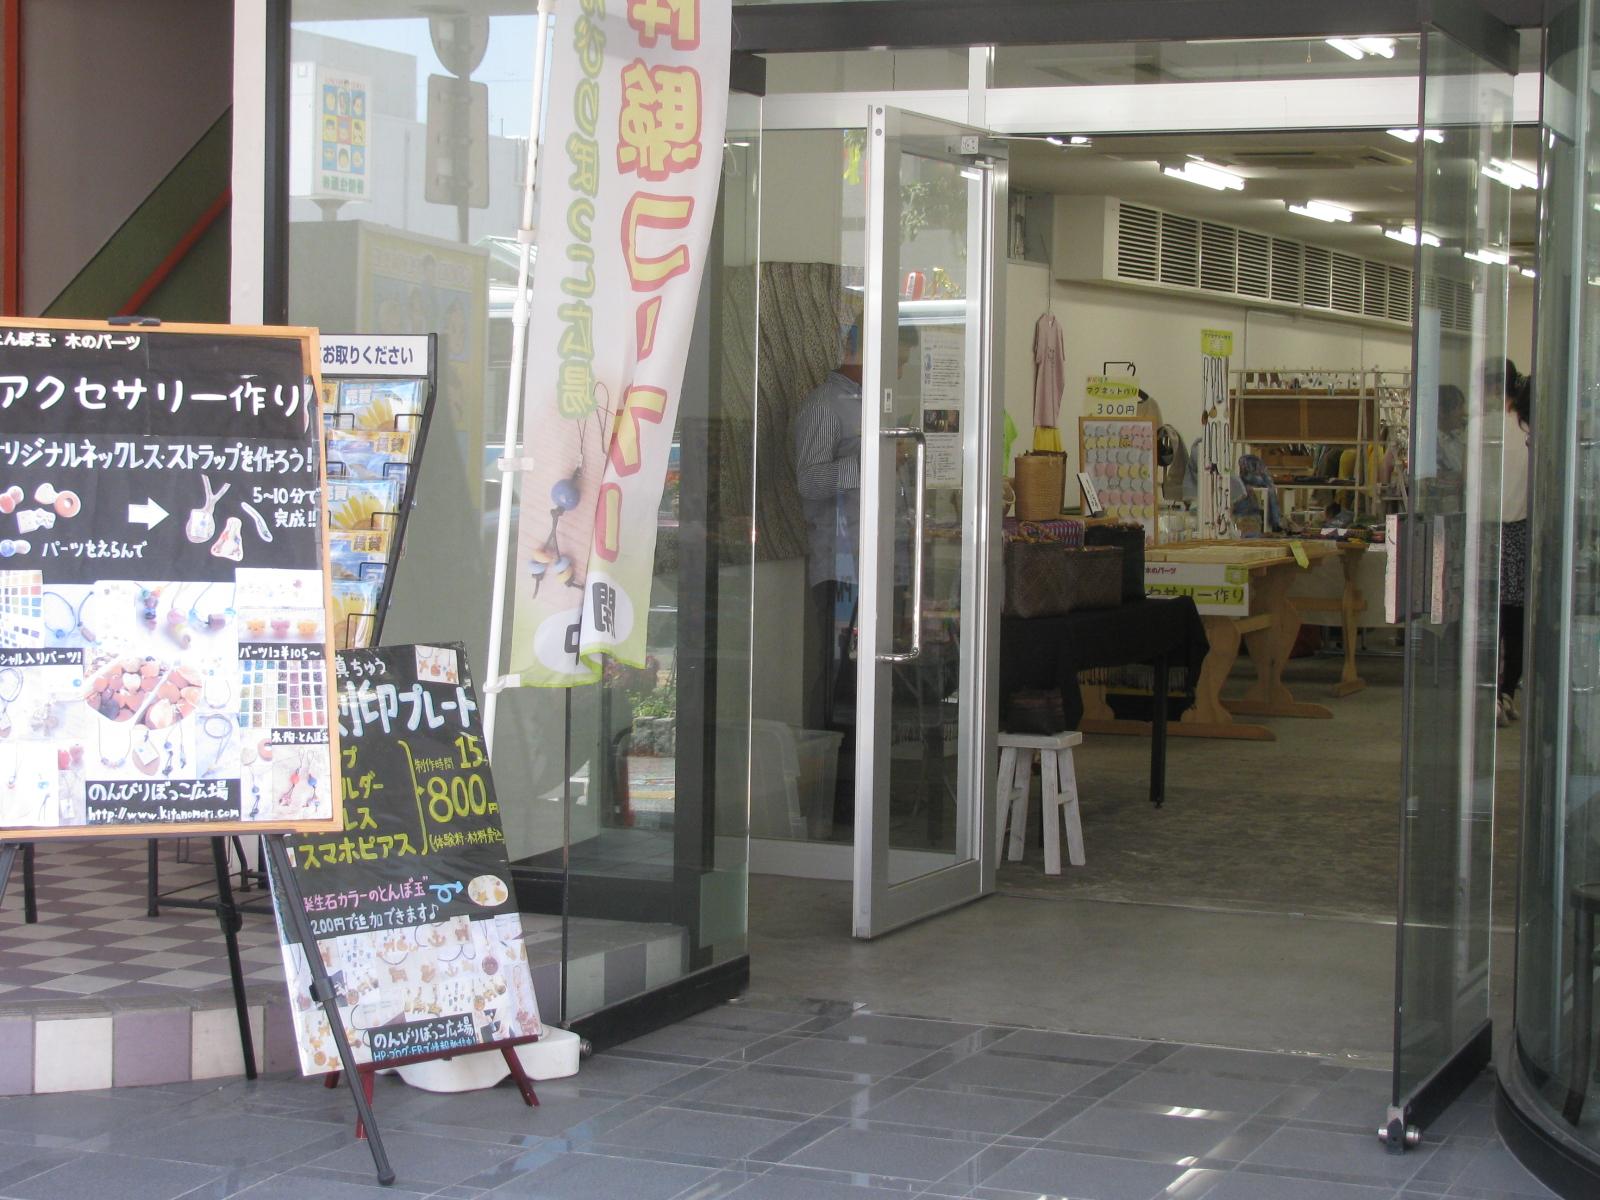 雑貨商店街 in 黄門まつりに出店中